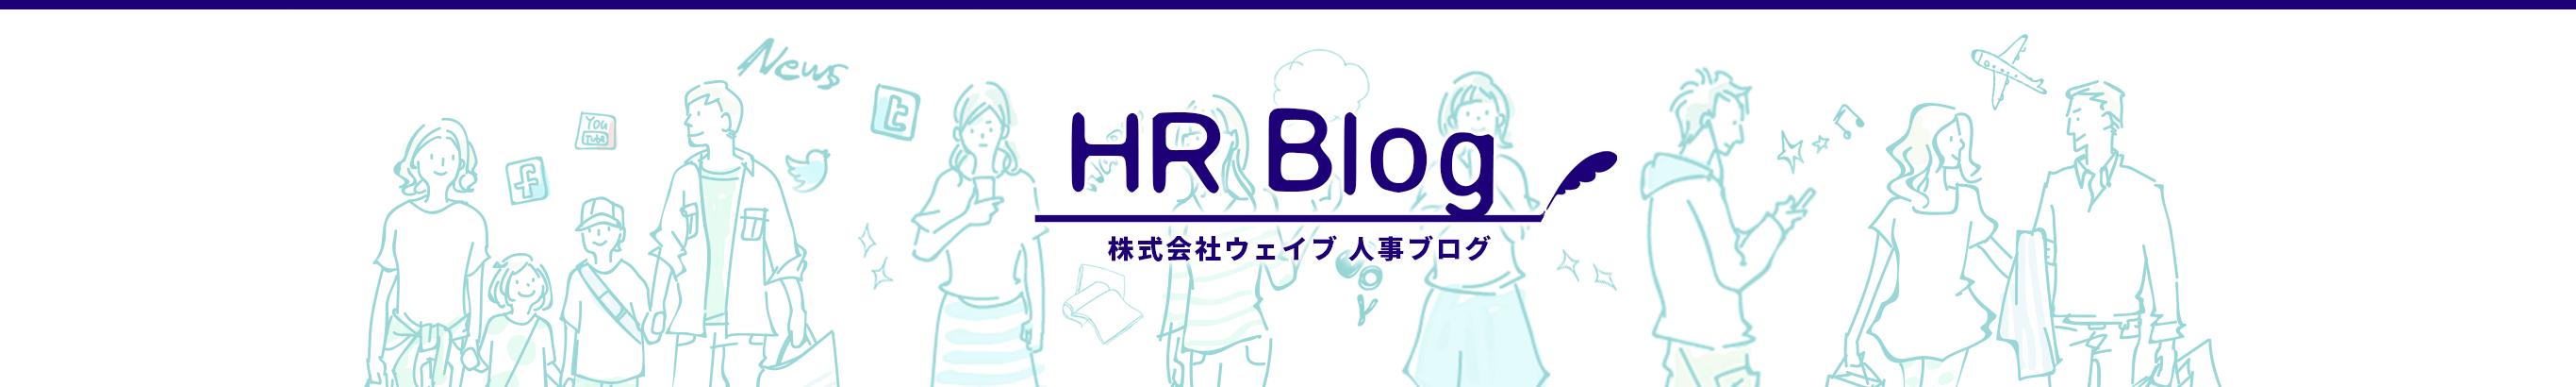 株式会社ウェイブの人事部ブログです。社内の雰囲気やイベント、福利厚生などについてお伝えいたします!